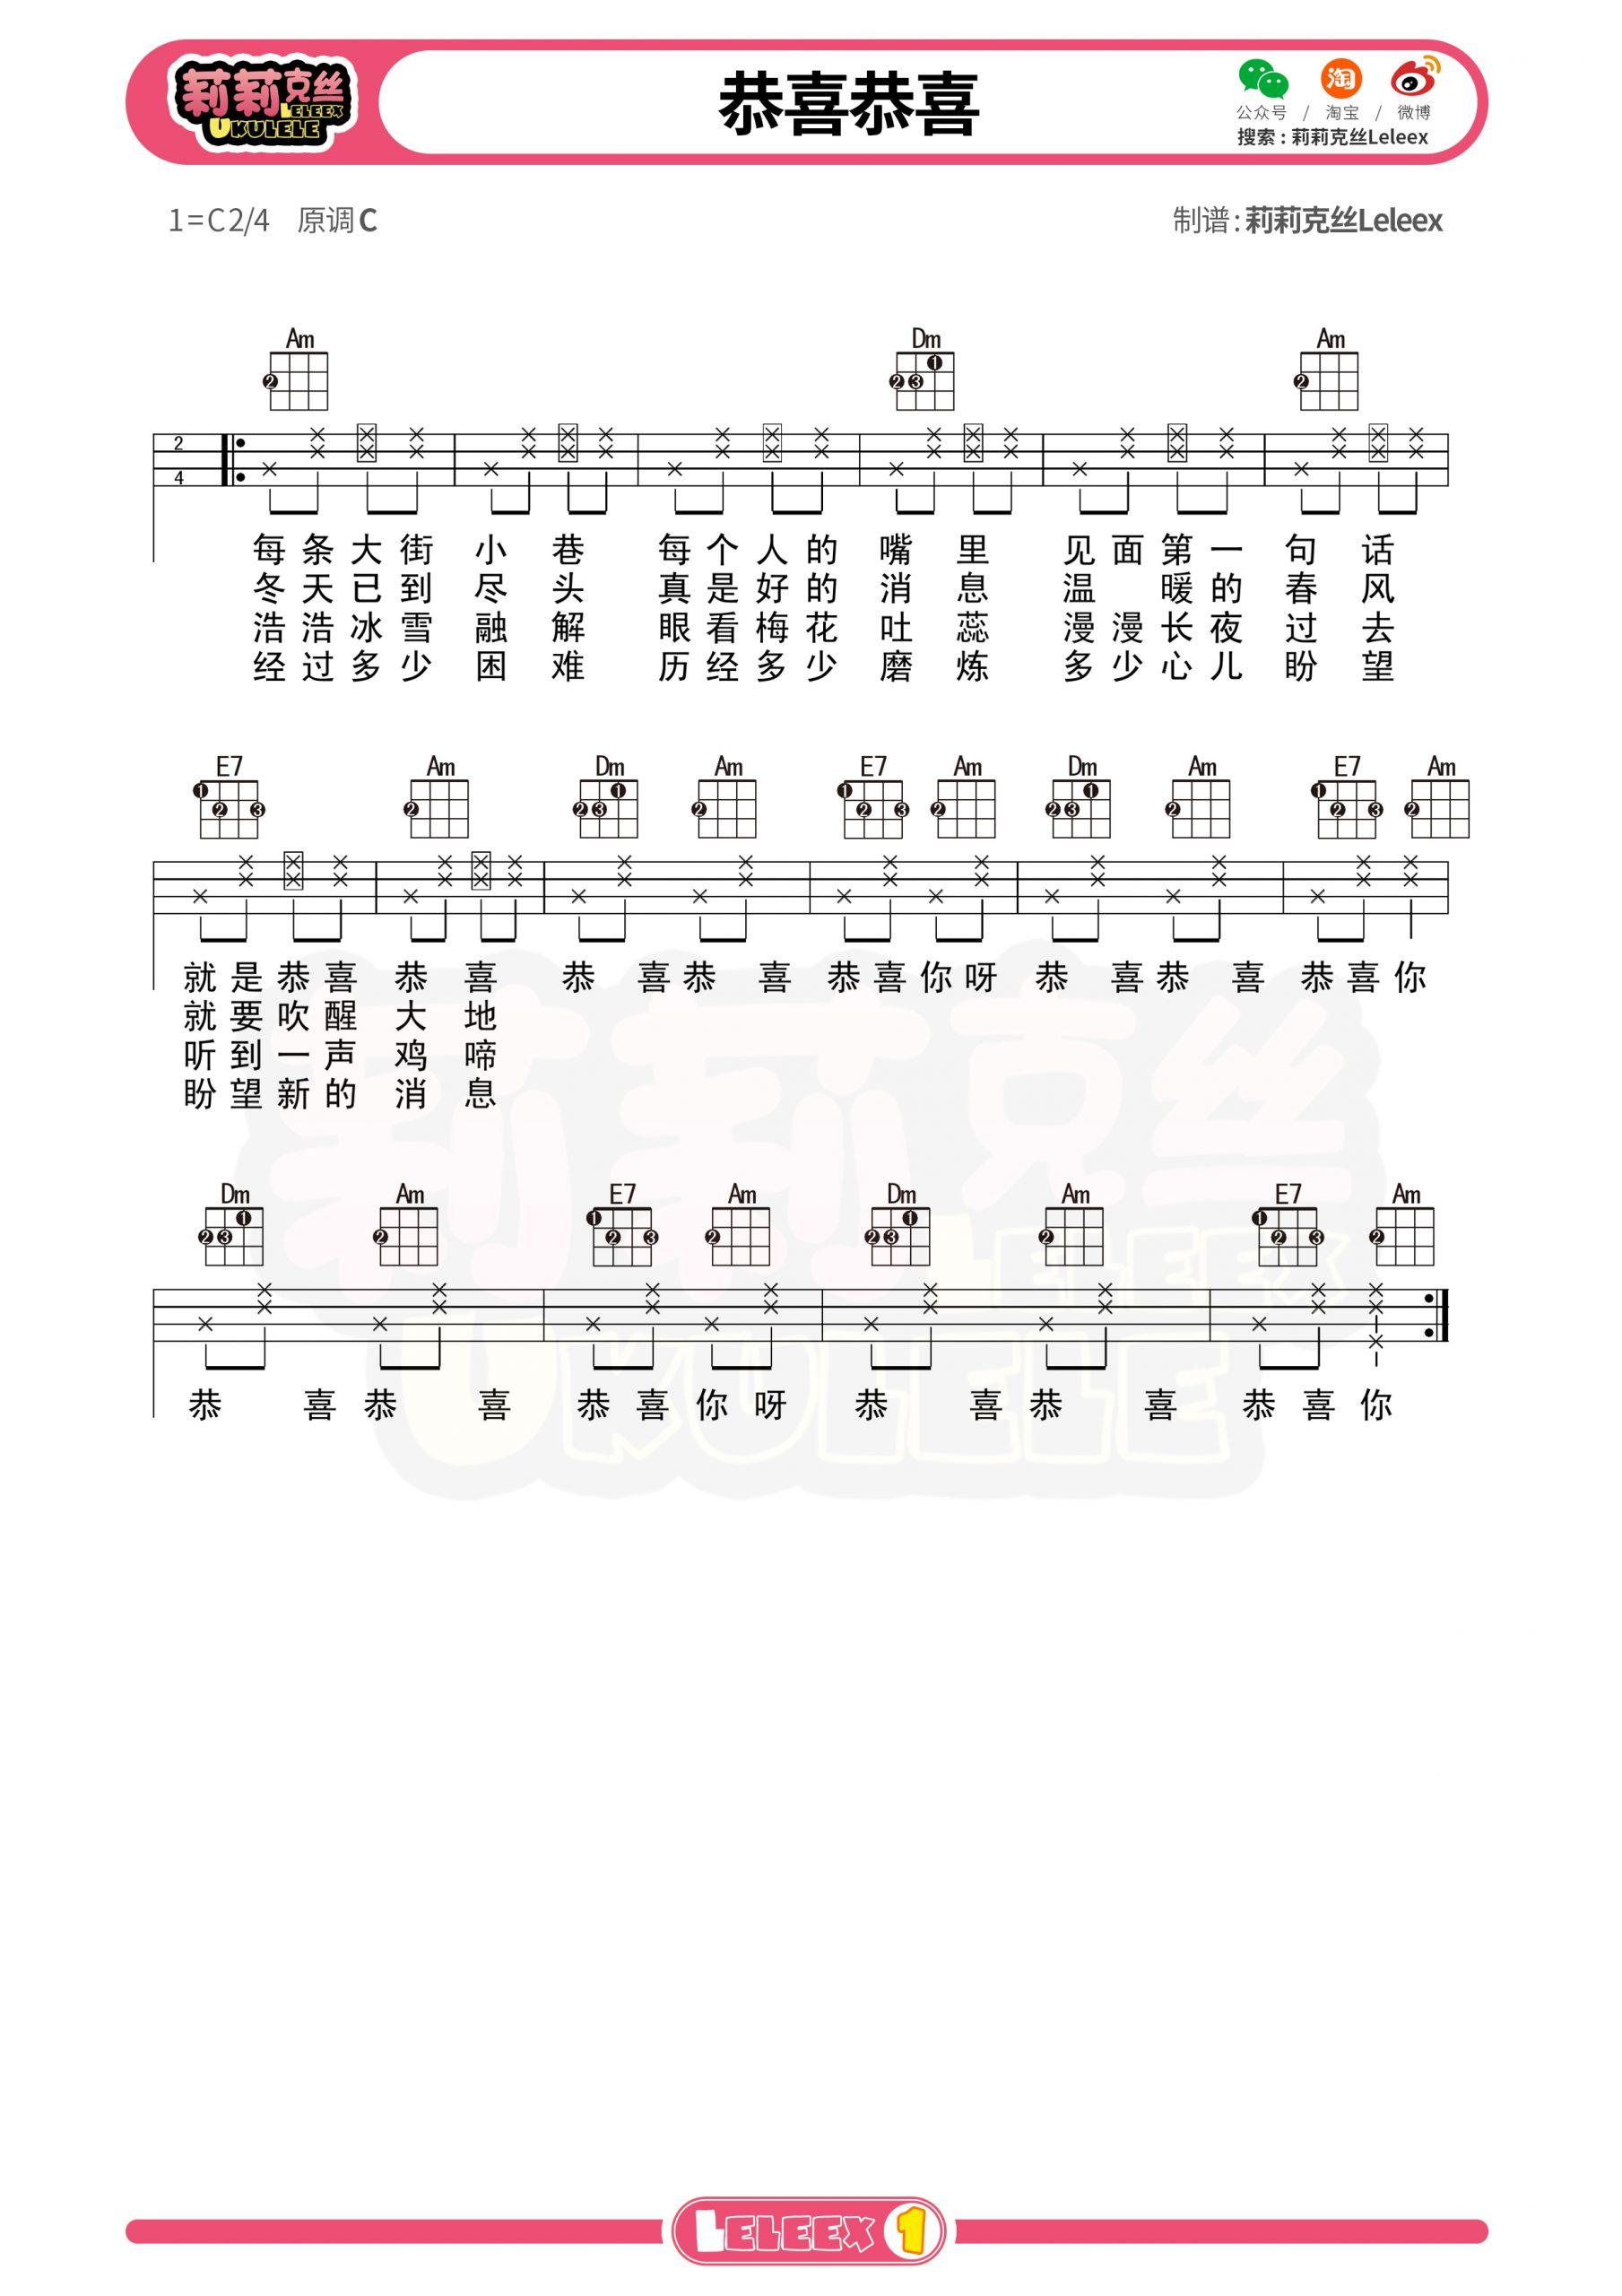 春节合集《恭喜恭喜》尤克里里弹唱曲谱-莉莉克丝Leleex